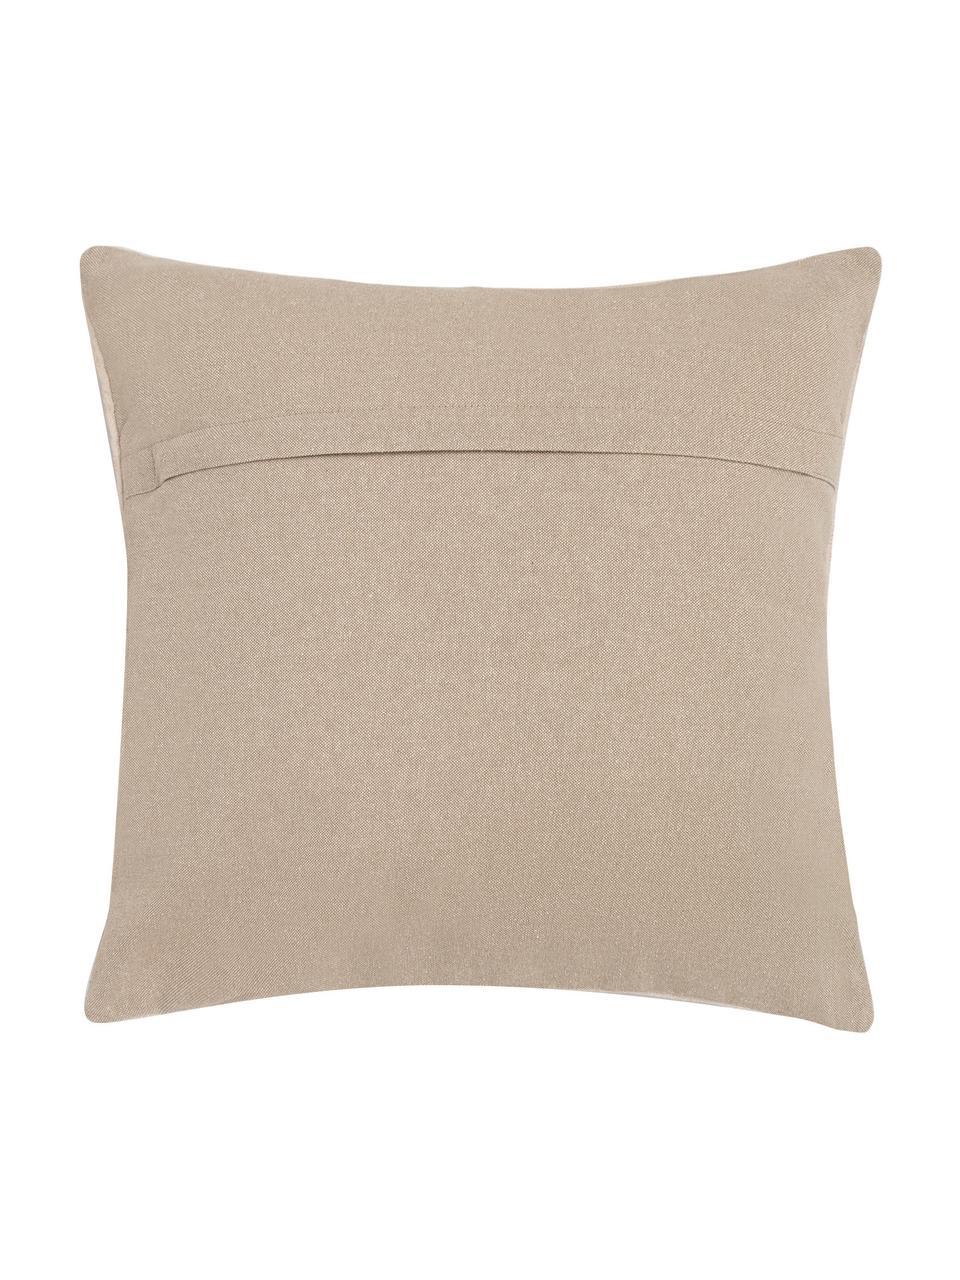 Poszewka na poduszkę Tanger, 100% bawełna, Beżowy, odcienie czerwonego, S 45 x D 45 cm